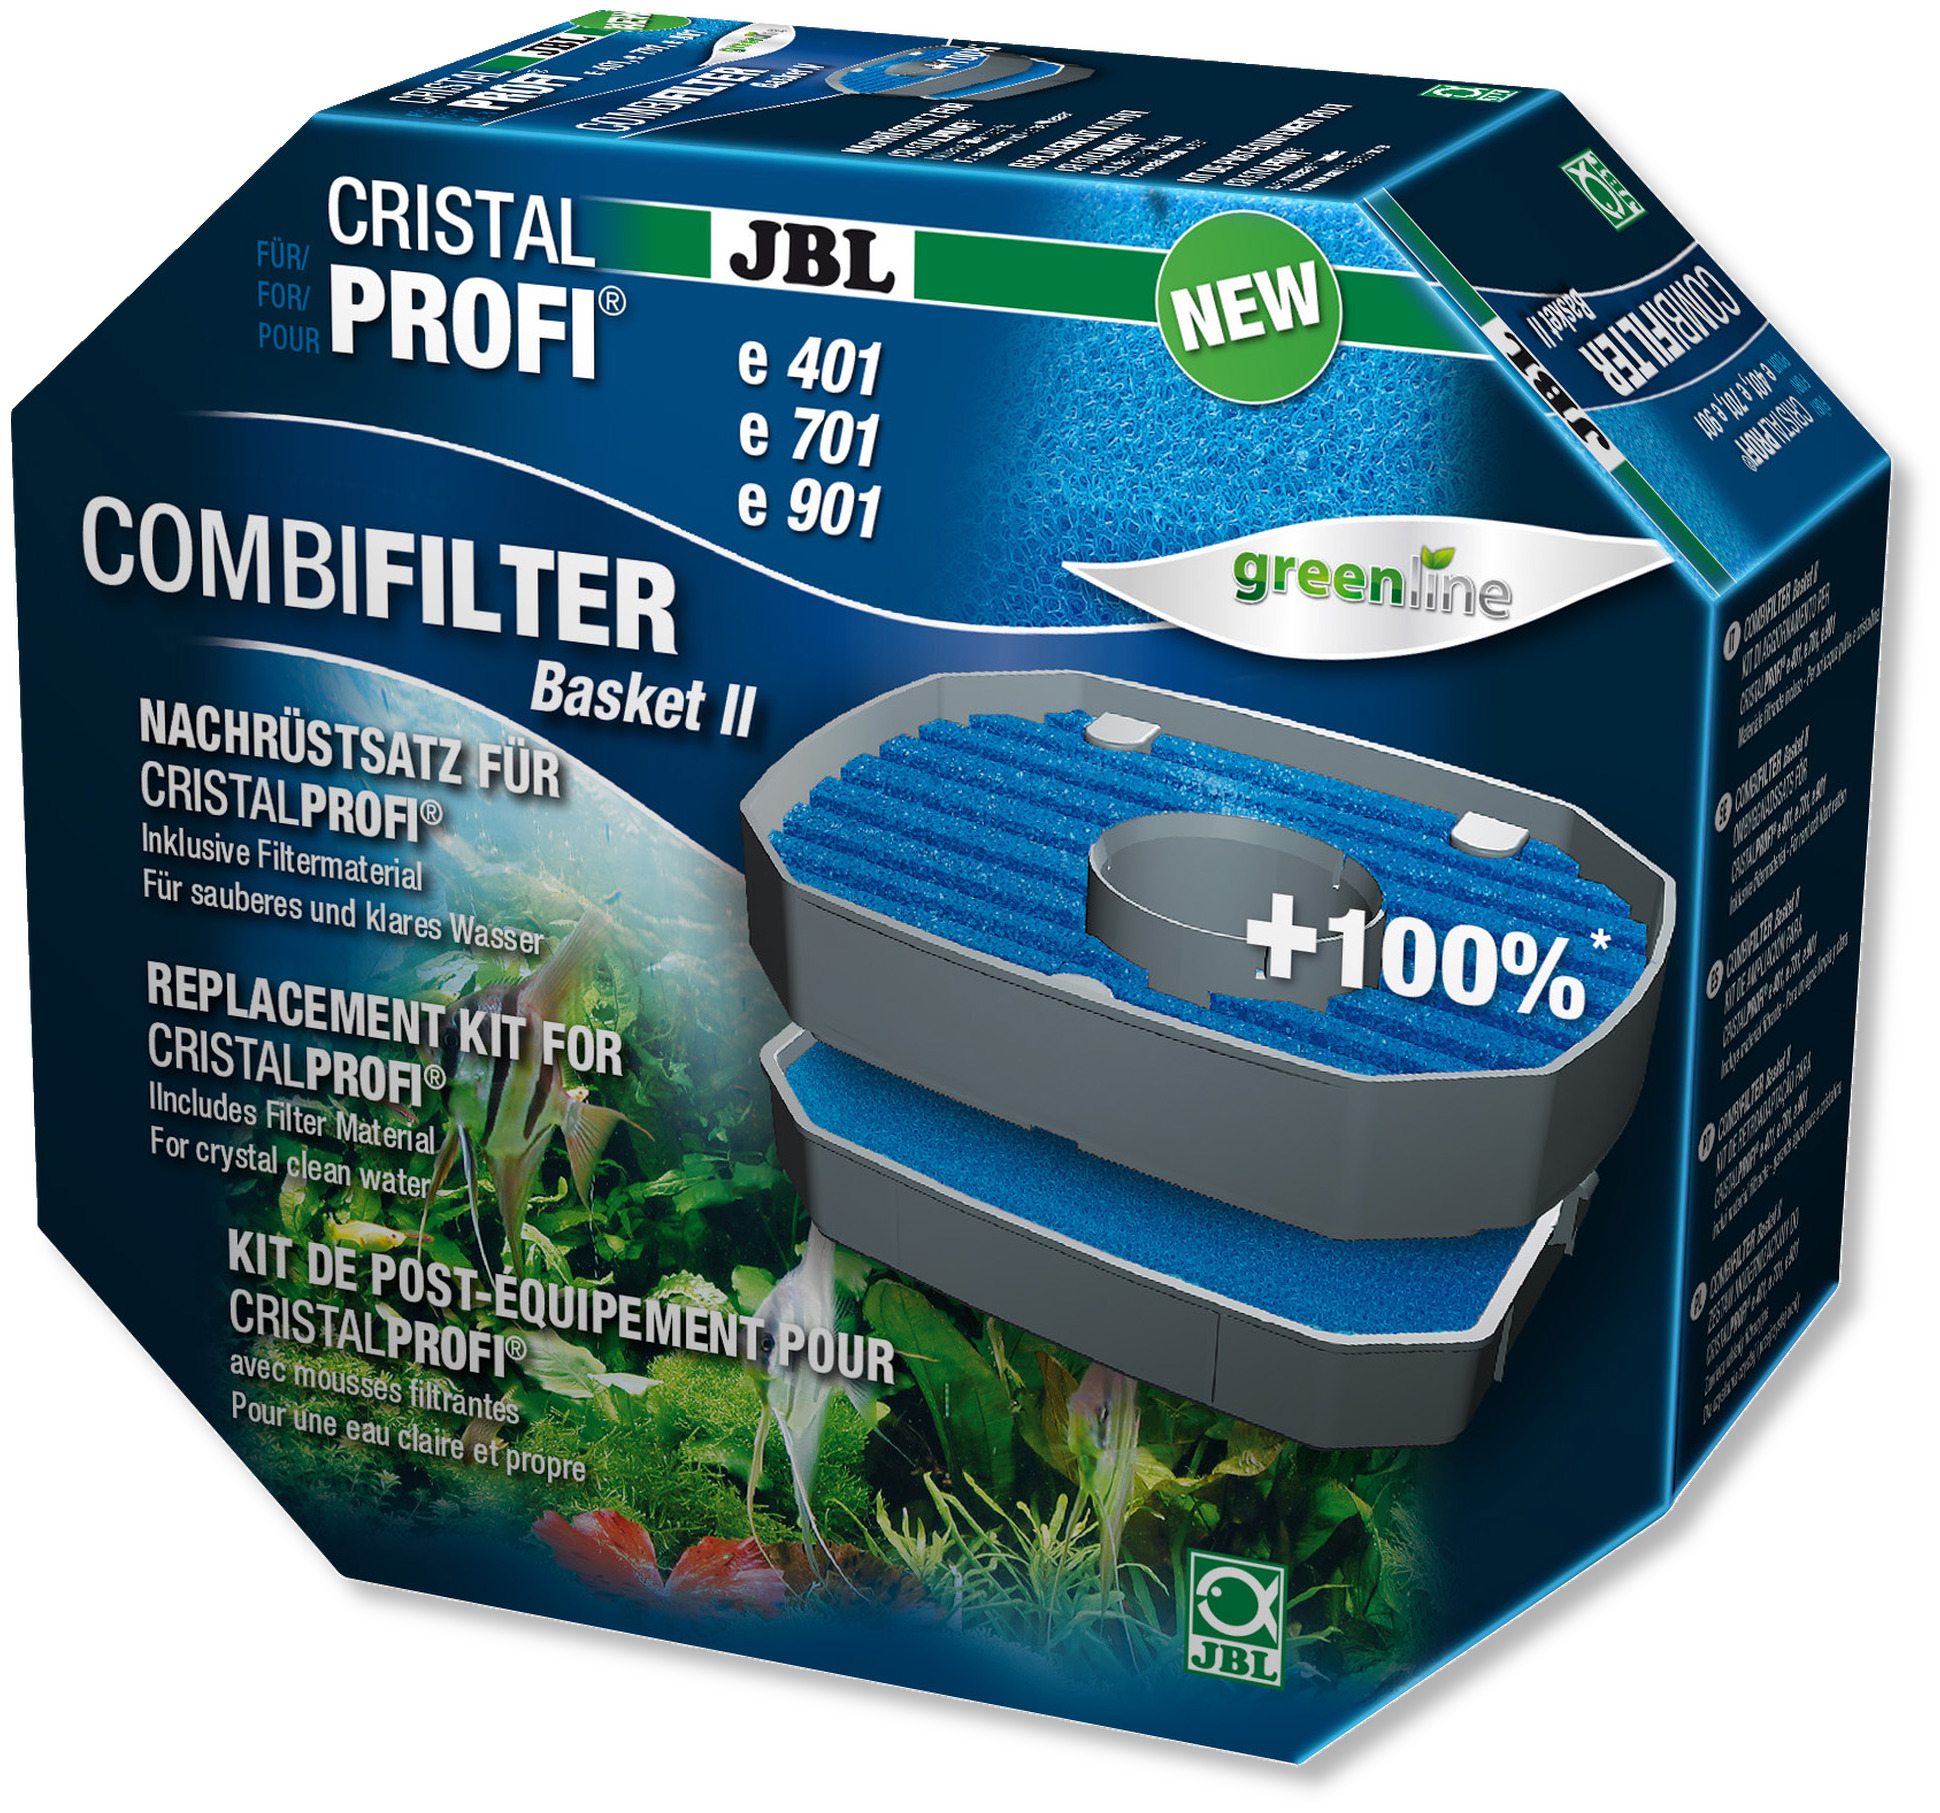 JBL Combi Filter Basket II panier de filtration optimisé pour filtres externes CristalProfi e700, e900, e401, e701, e901, e402, e702, e902